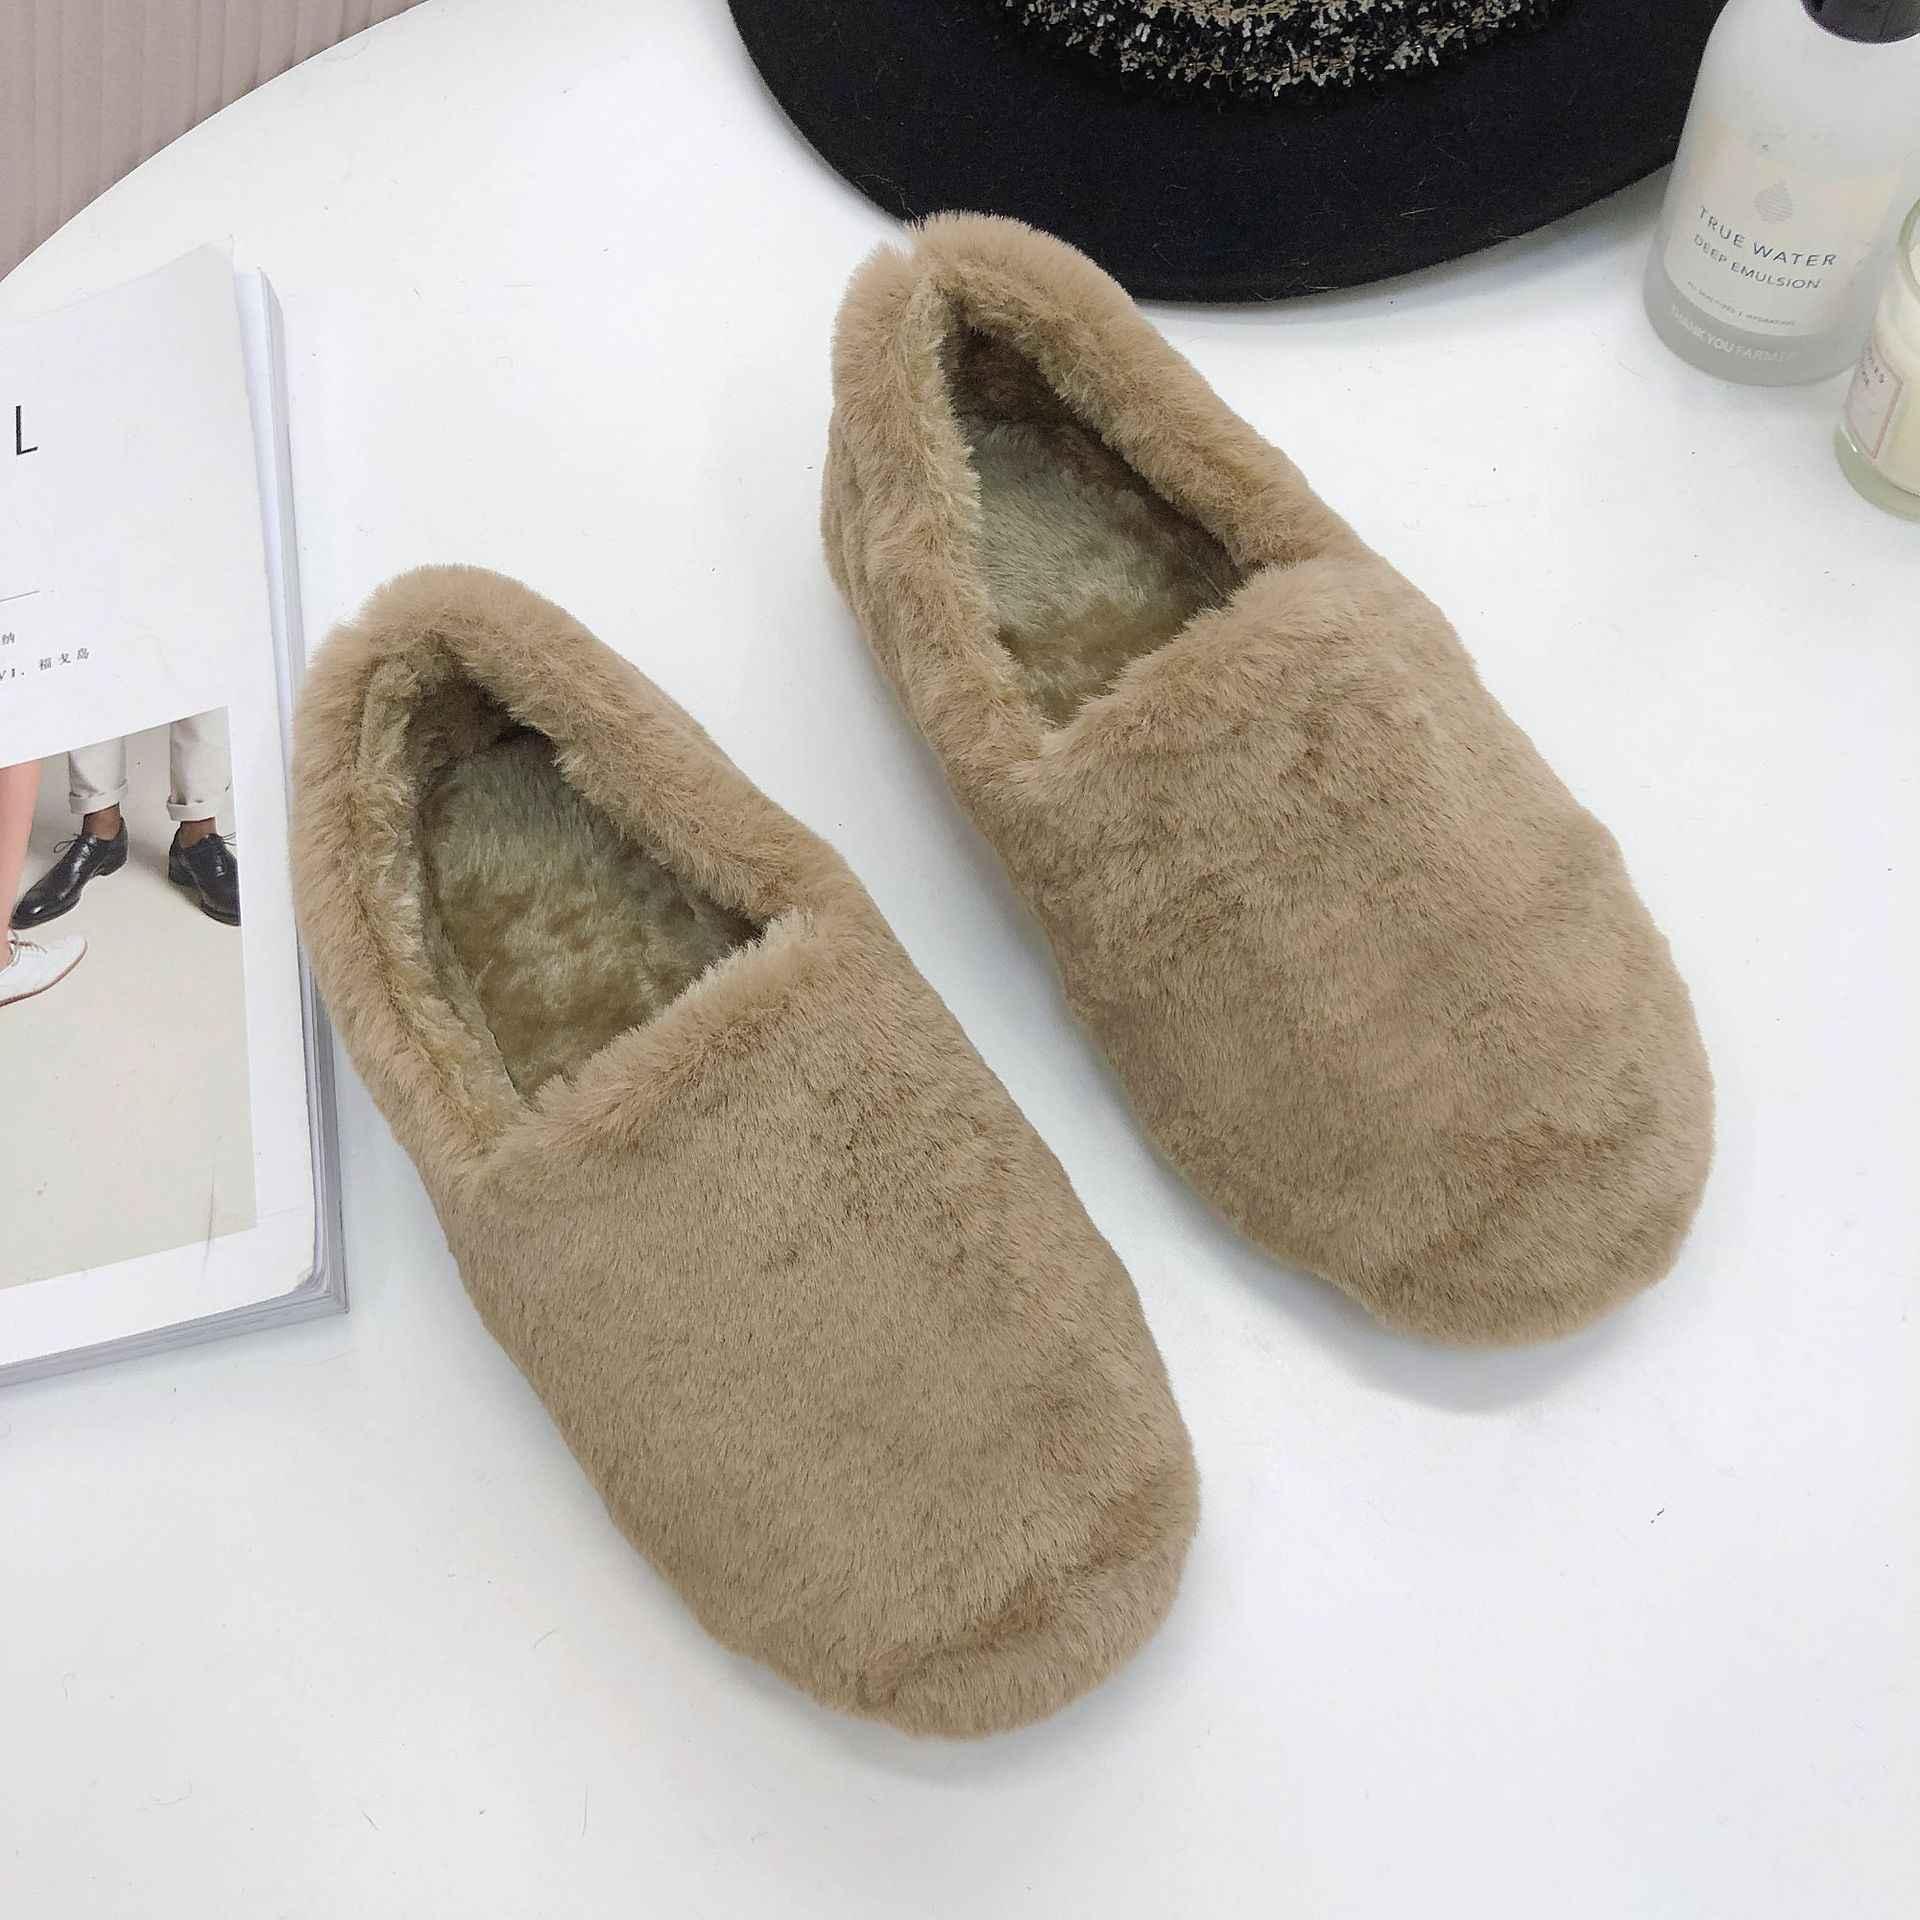 2018 yeni sıcak yumuşak tabanı kadın kapalı kat ayakkabı beyaz siyah yün pamuklu ayakkabılar flanel düz alt yarım çizmeler